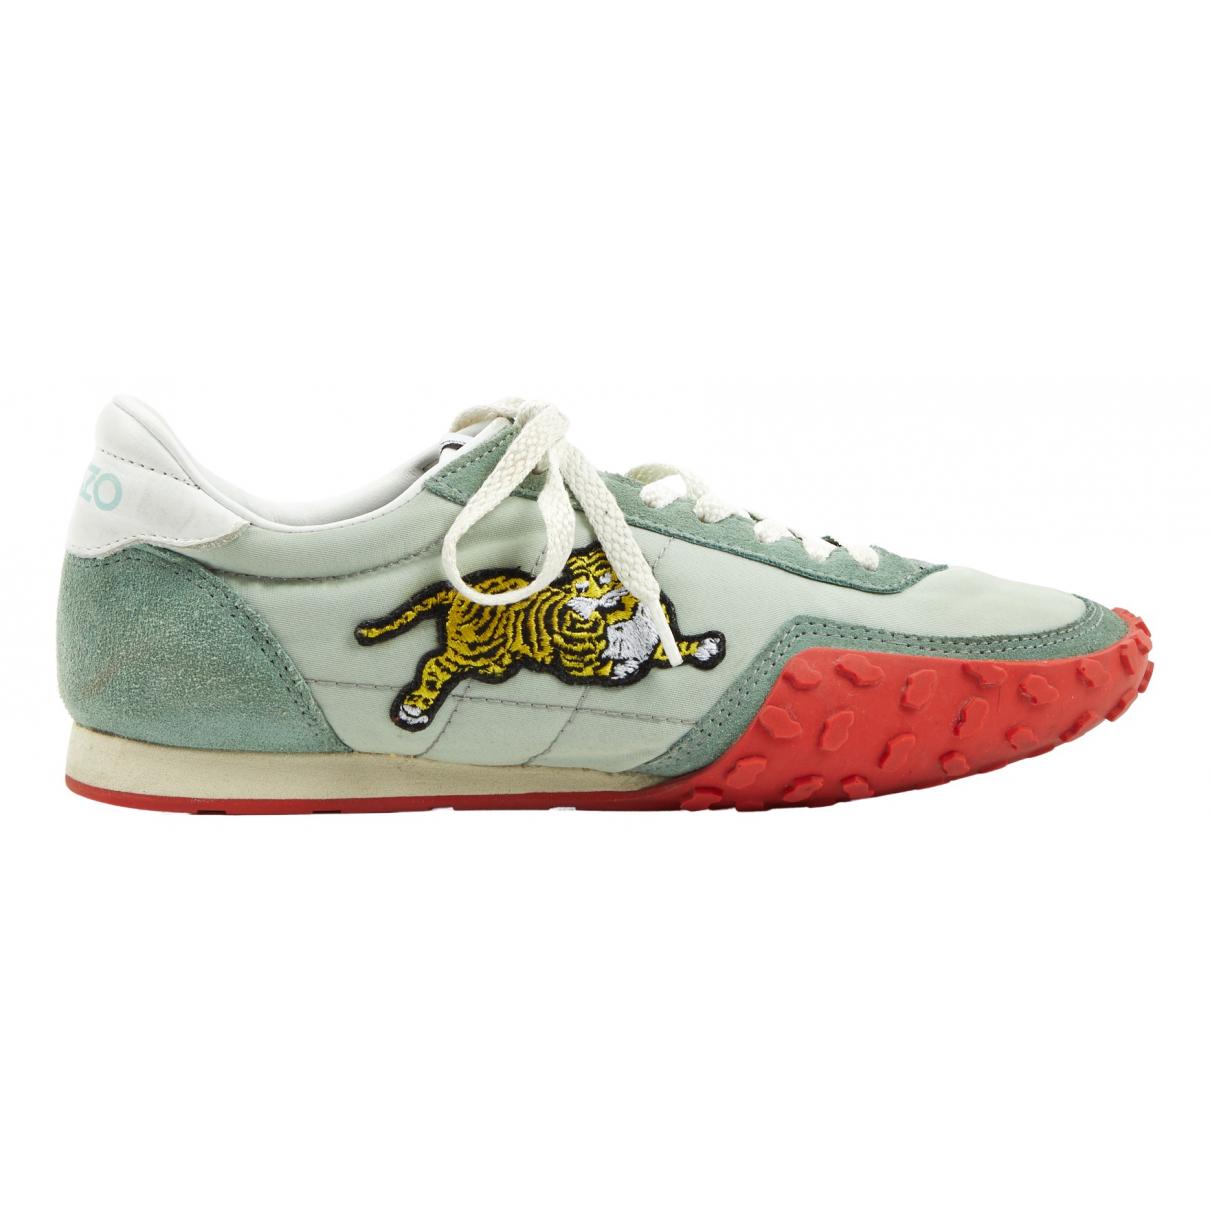 Kenzo \N Sneakers in  Gruen Leinen